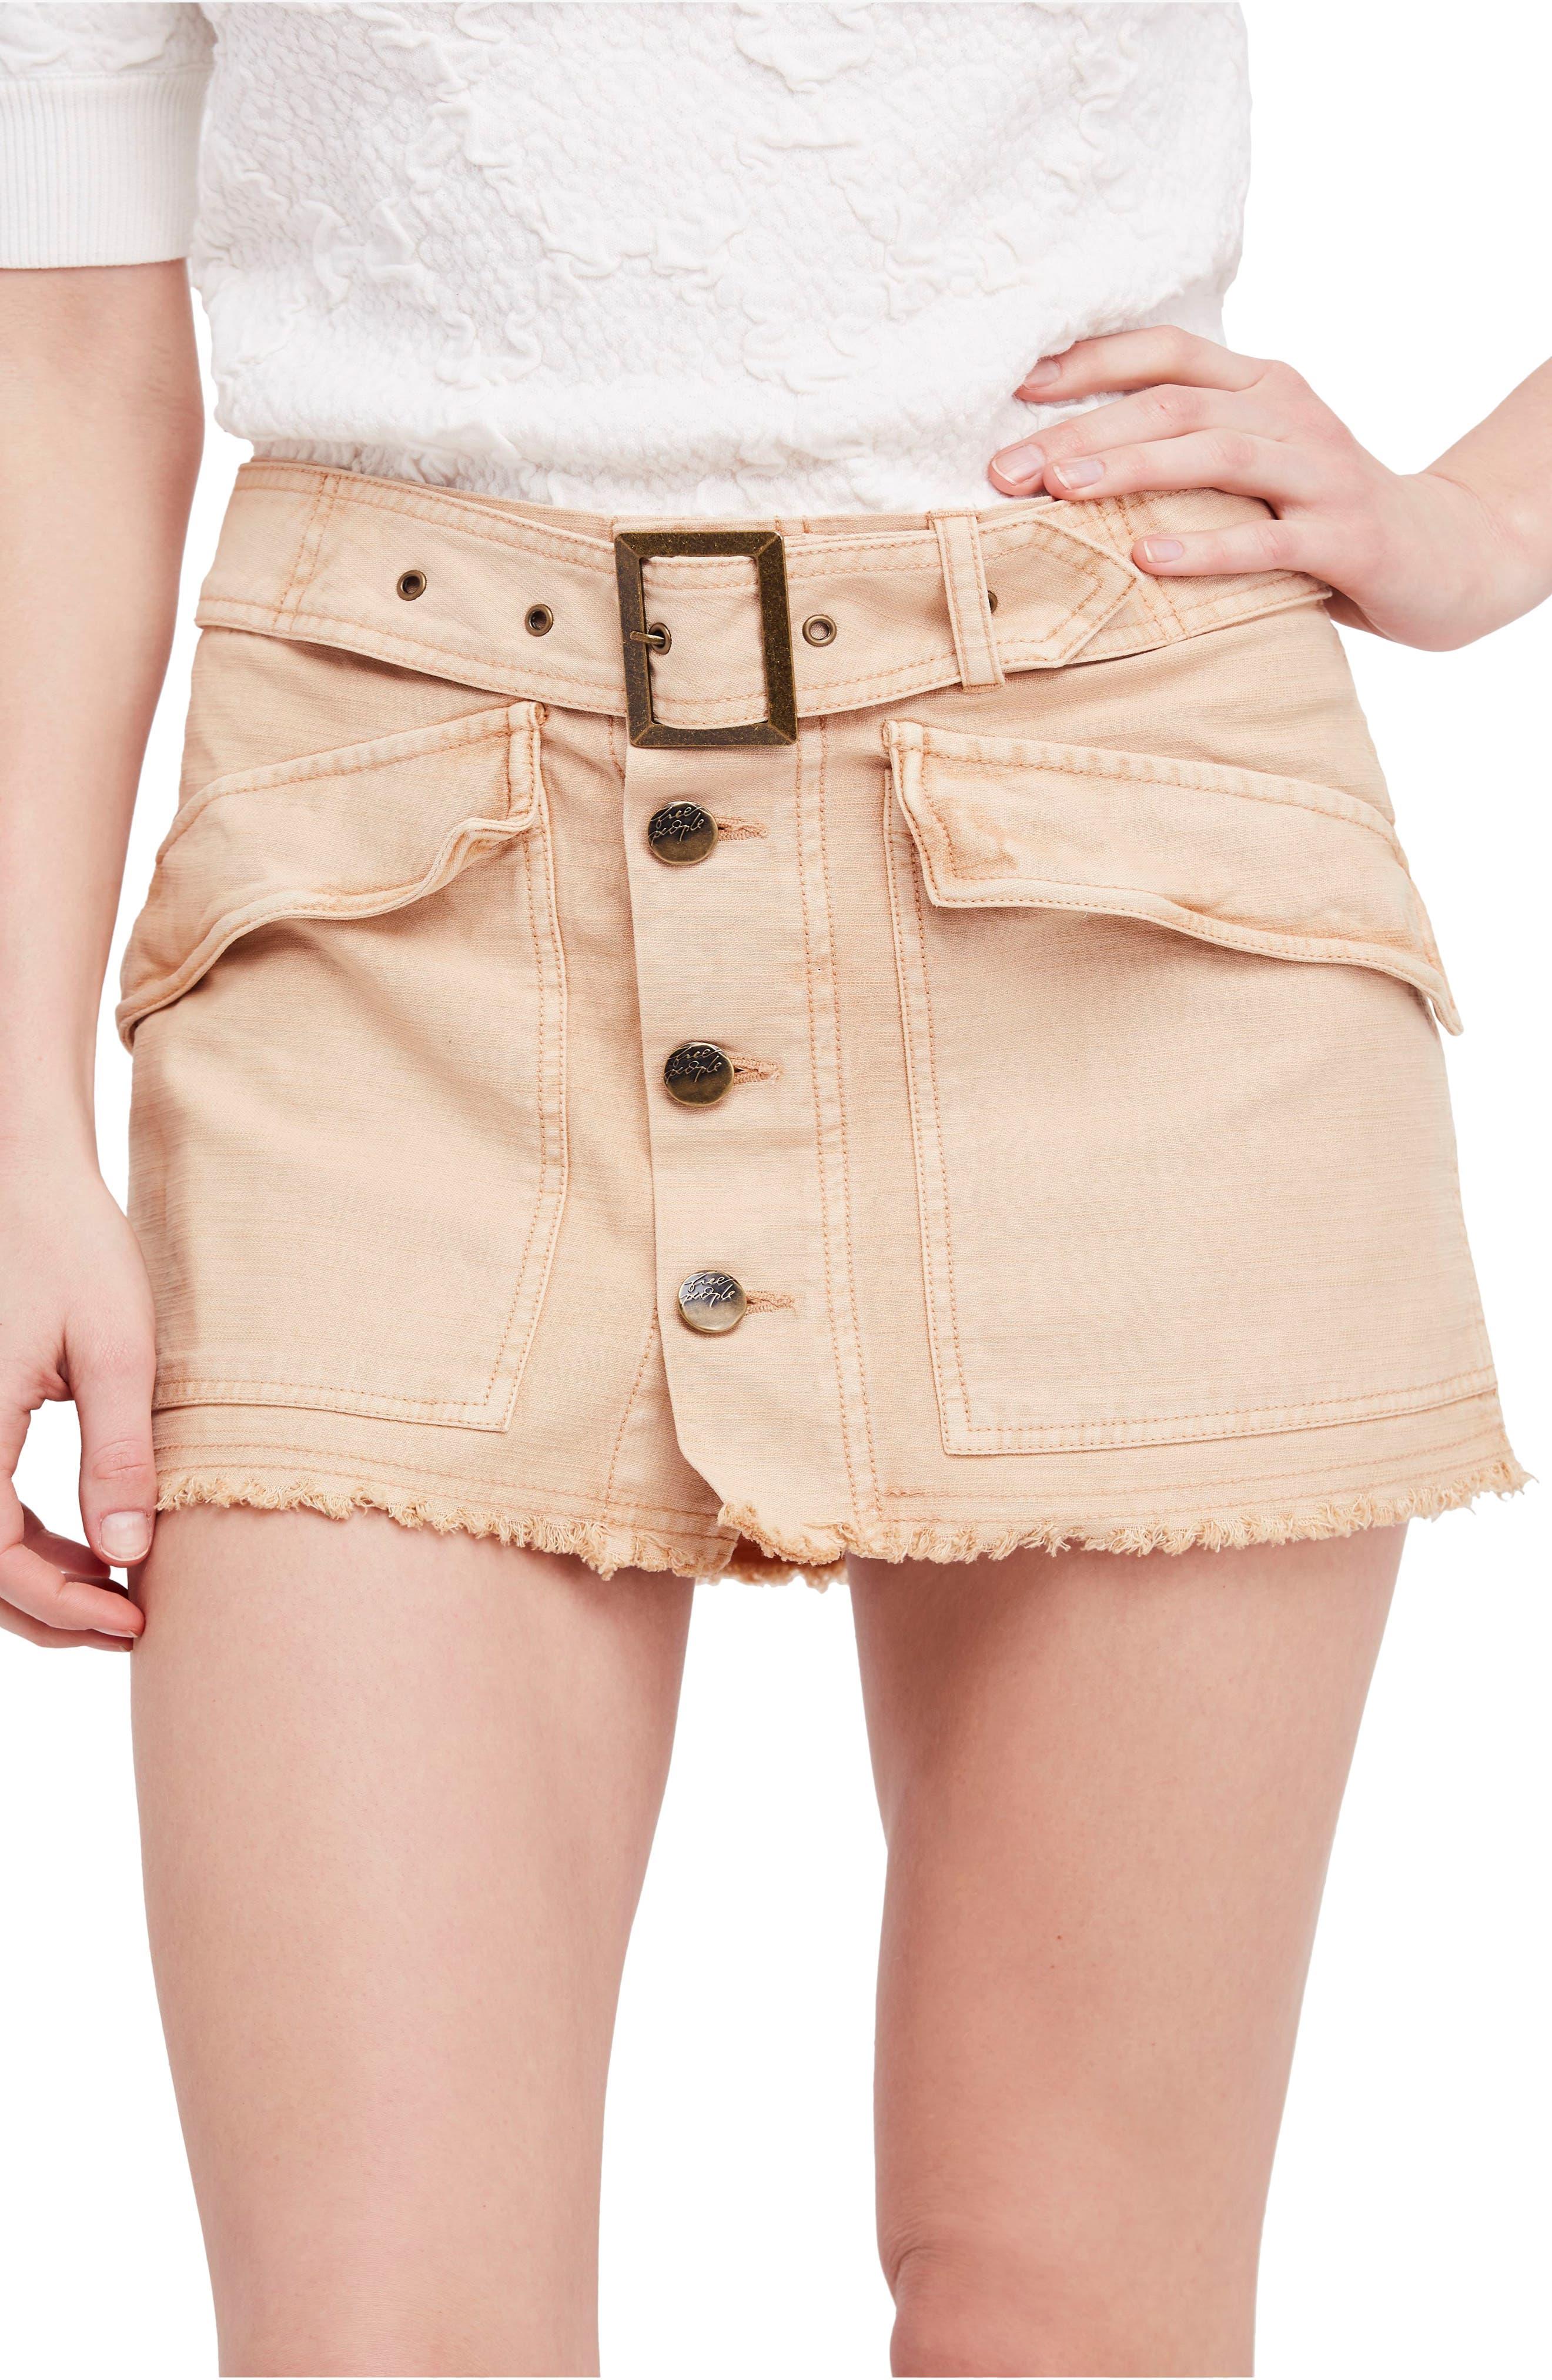 Hangin' On Tight Miniskirt,                             Main thumbnail 1, color,                             Nude